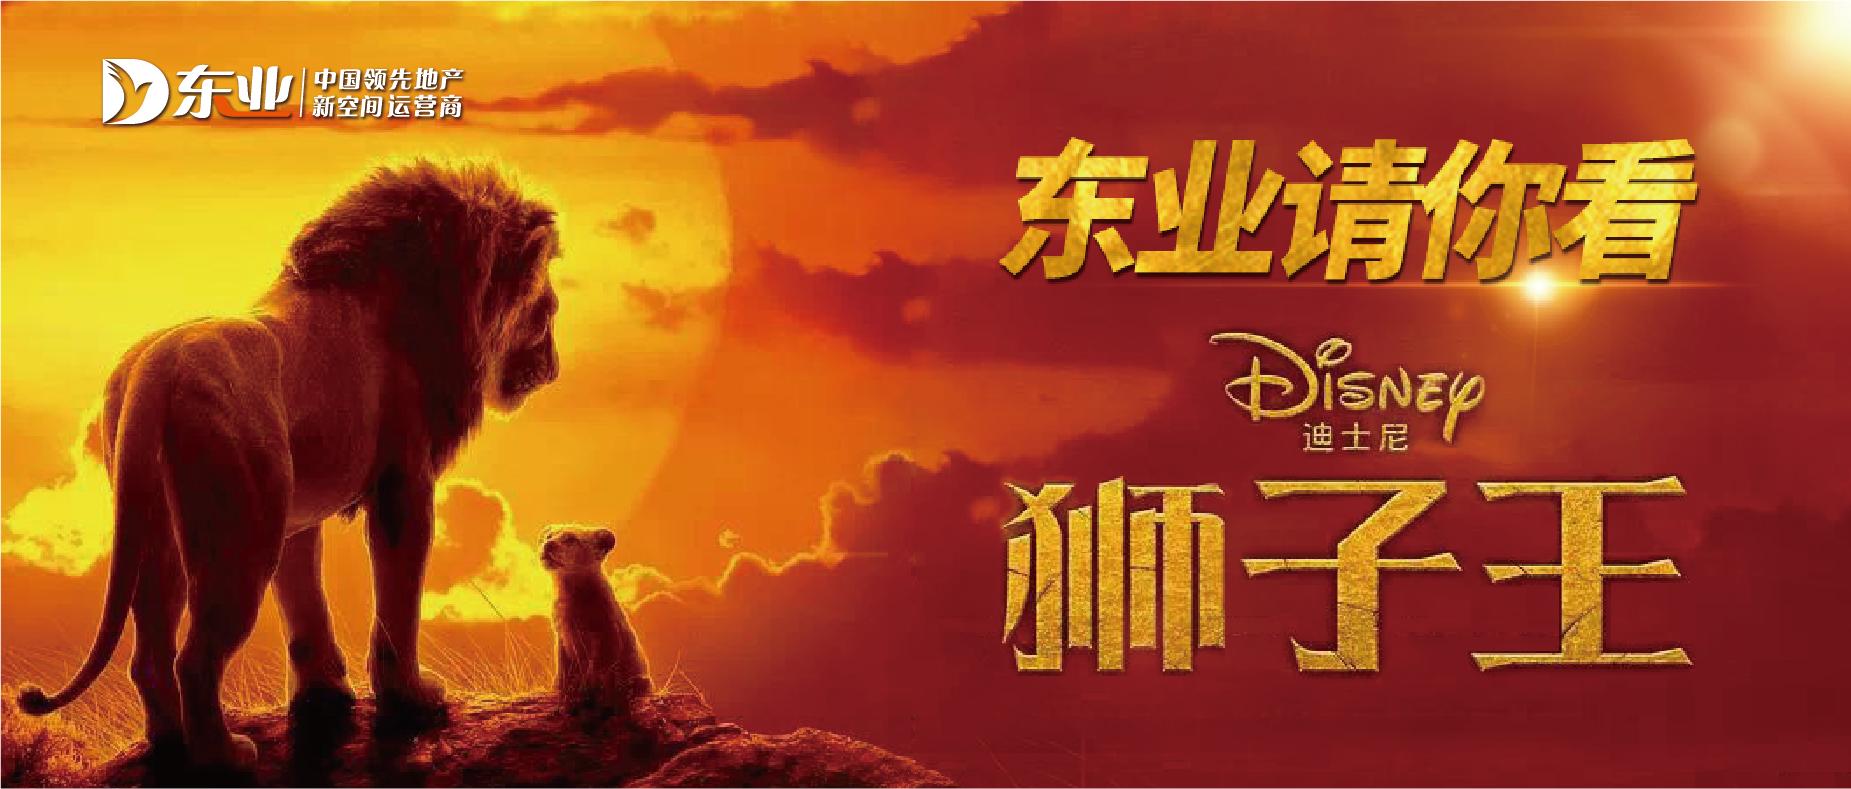 抢票:真人版狮子王!和辛巴一起回荣耀国